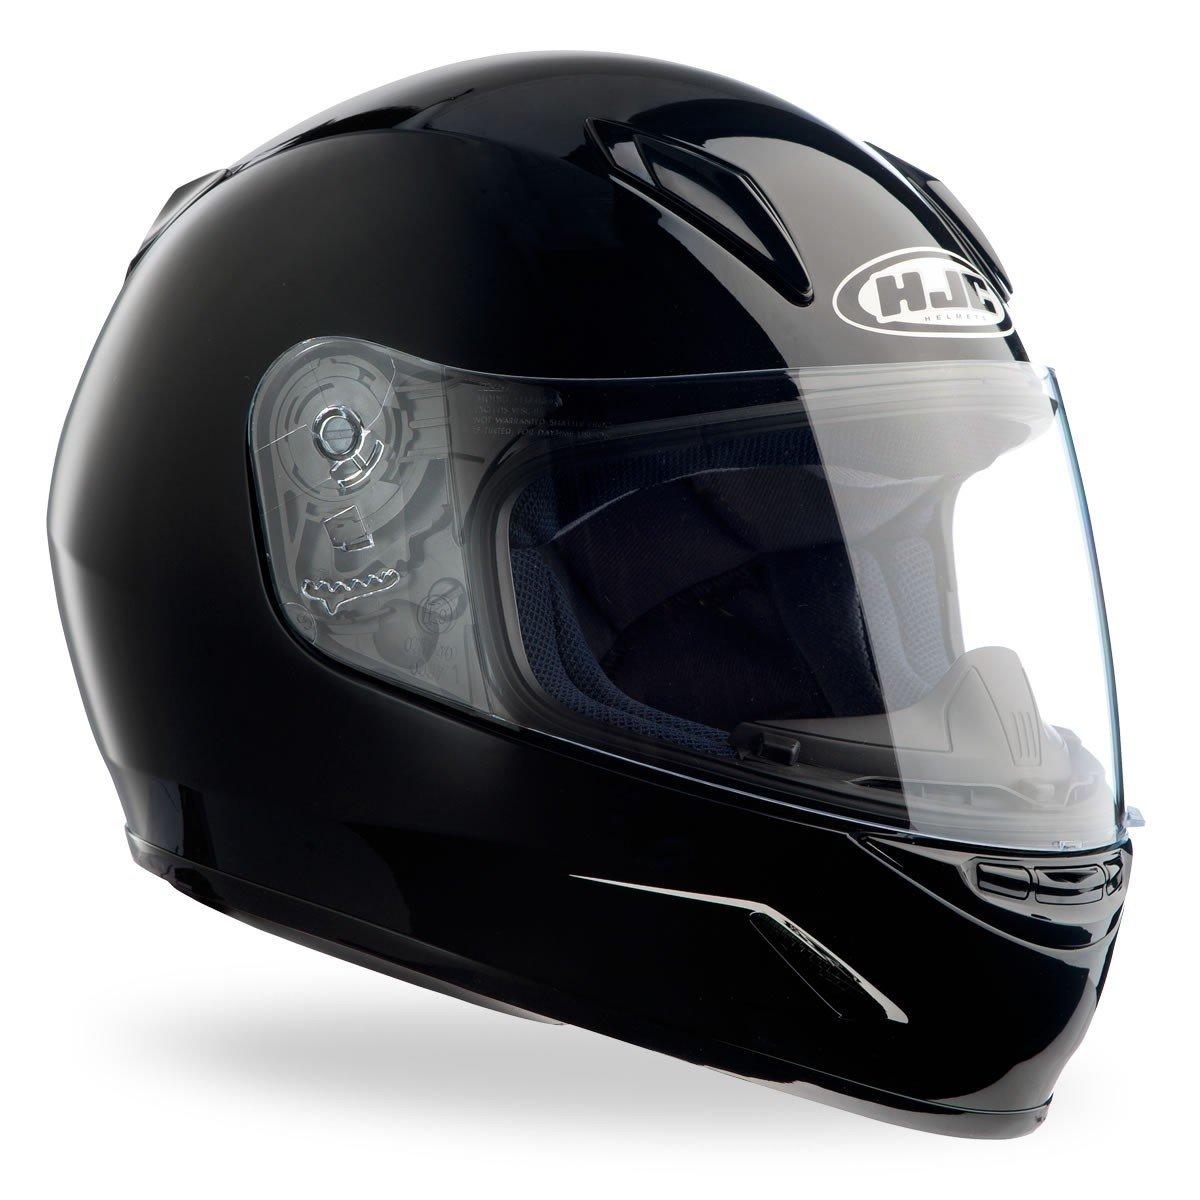 Dětská motocyklová přilba menší velikosti HJC CL-Y Solid Black (černá) JS (50-51)